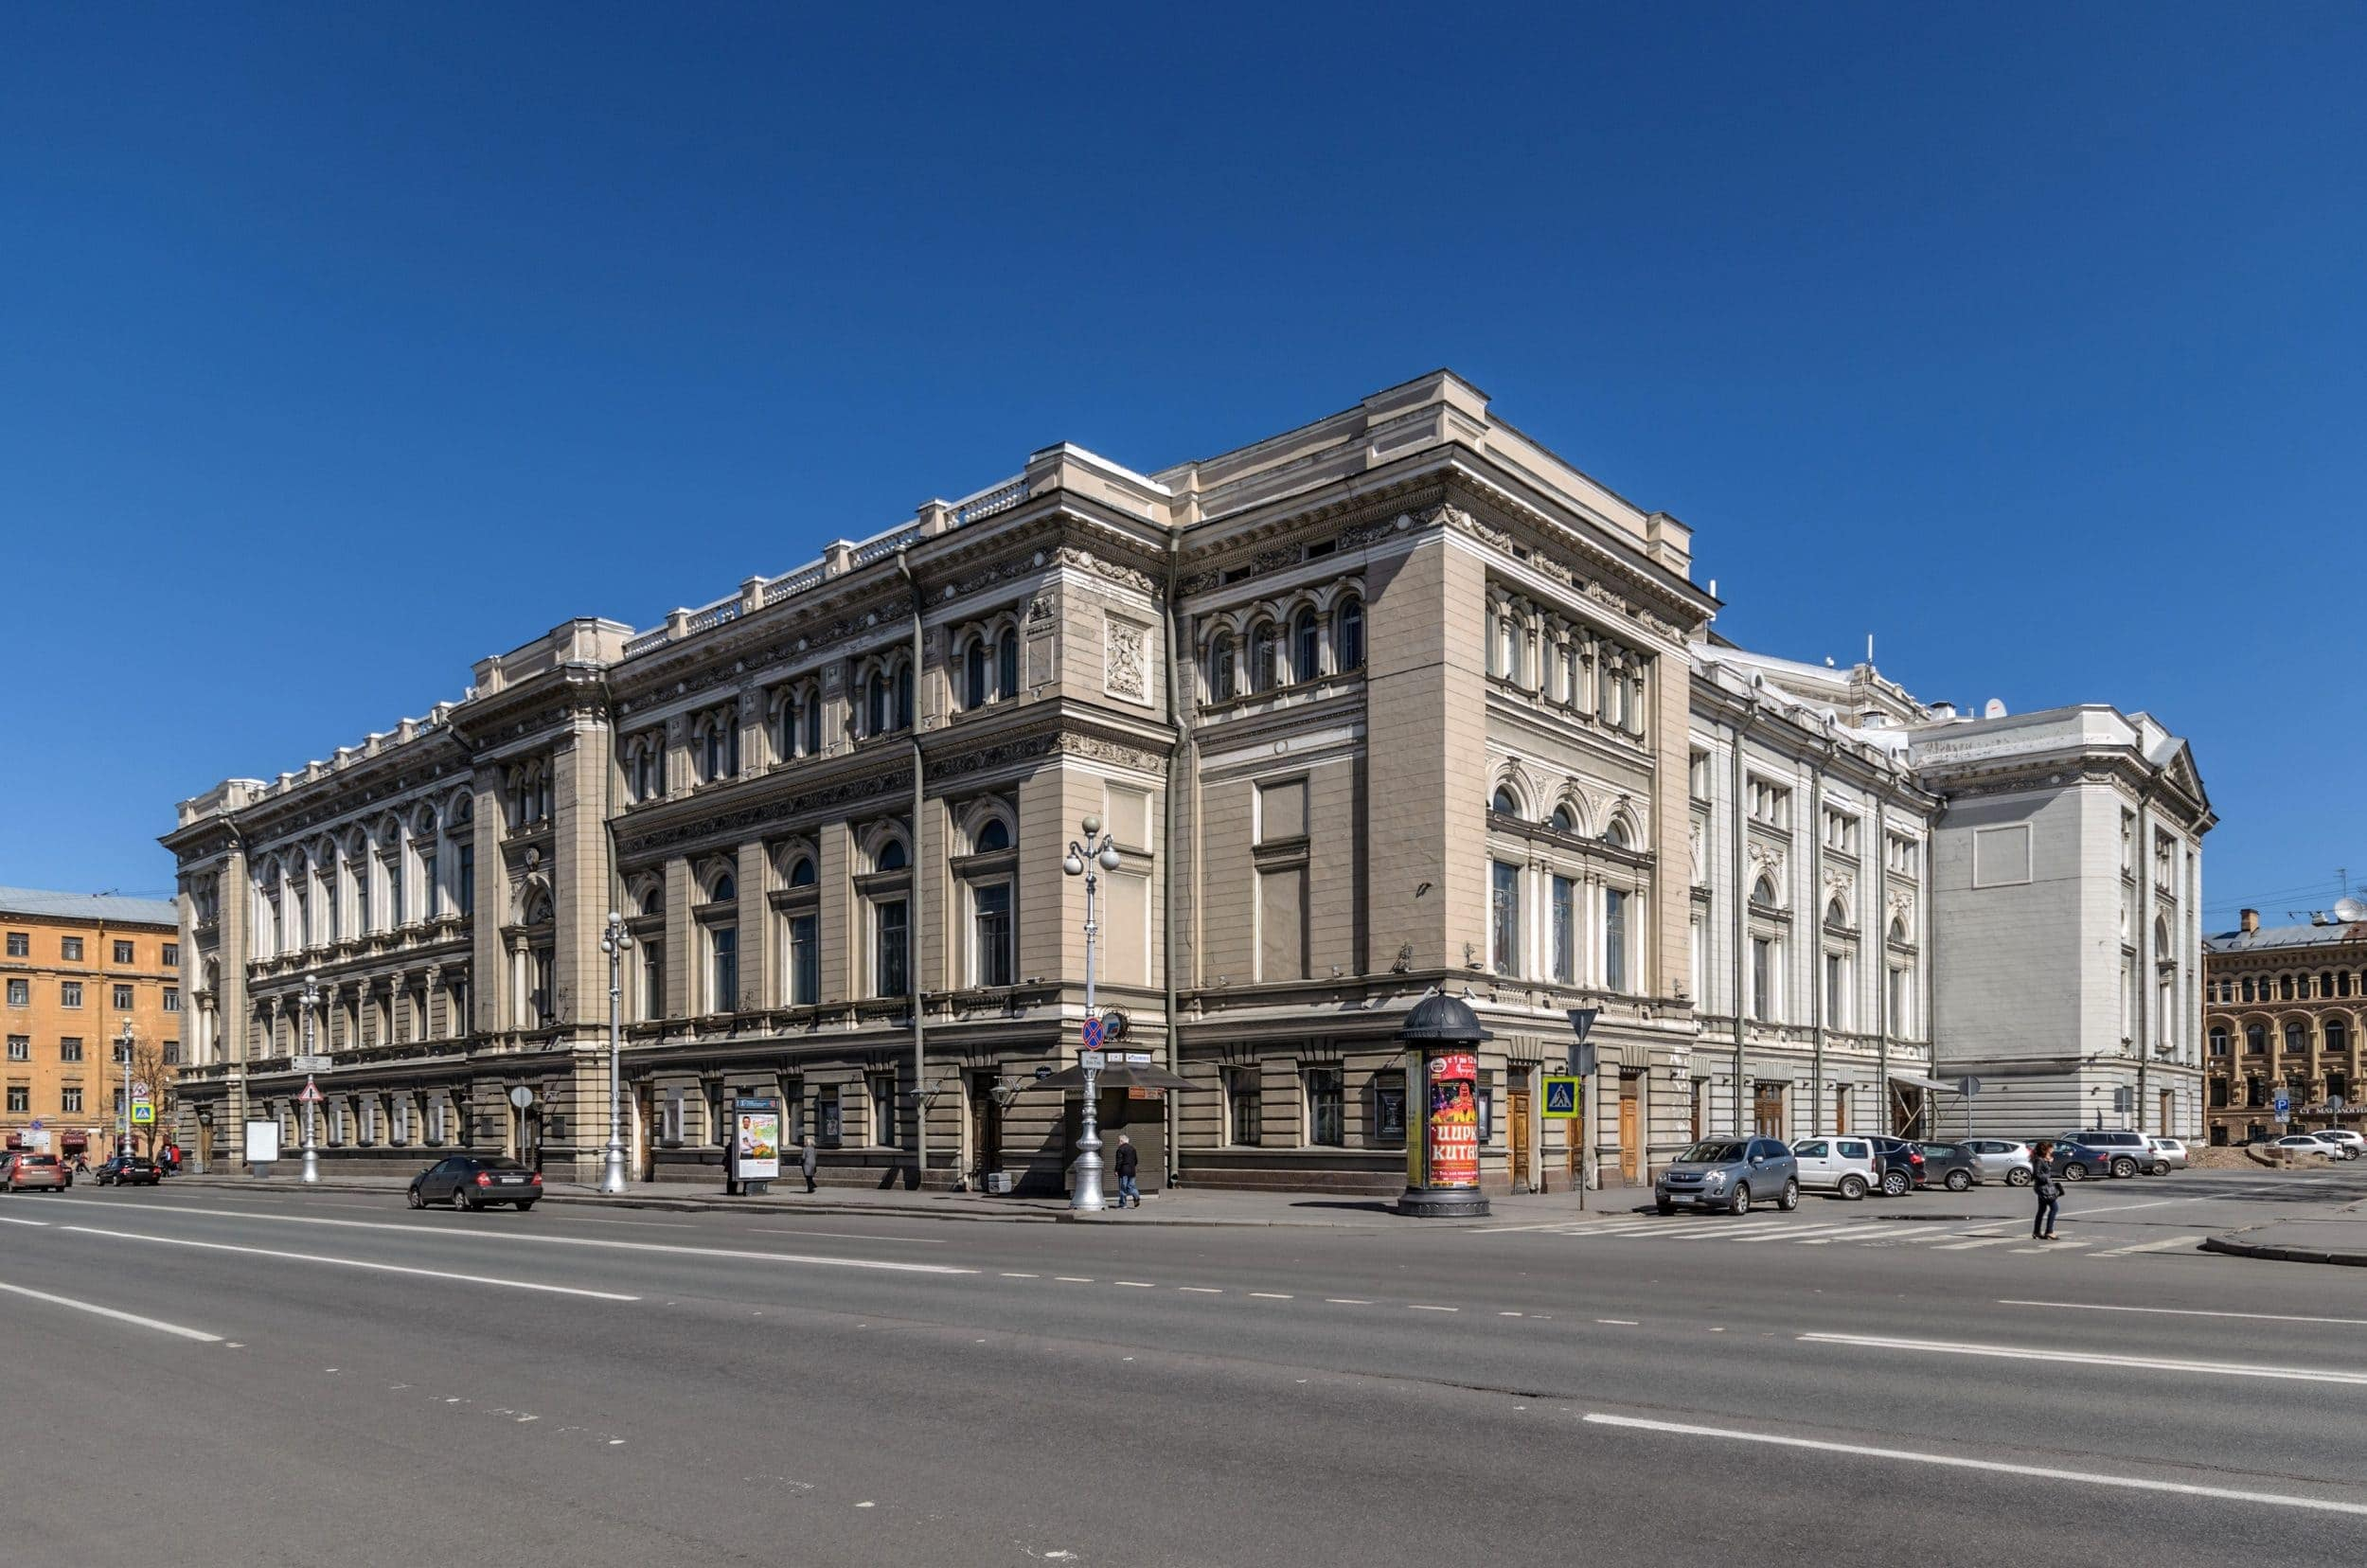 В петербургской консерватории отметят юбилей Чайковского Петербургская консерватория боится переезжать · Александра Аракелова В консерватории за все отвечал один человек